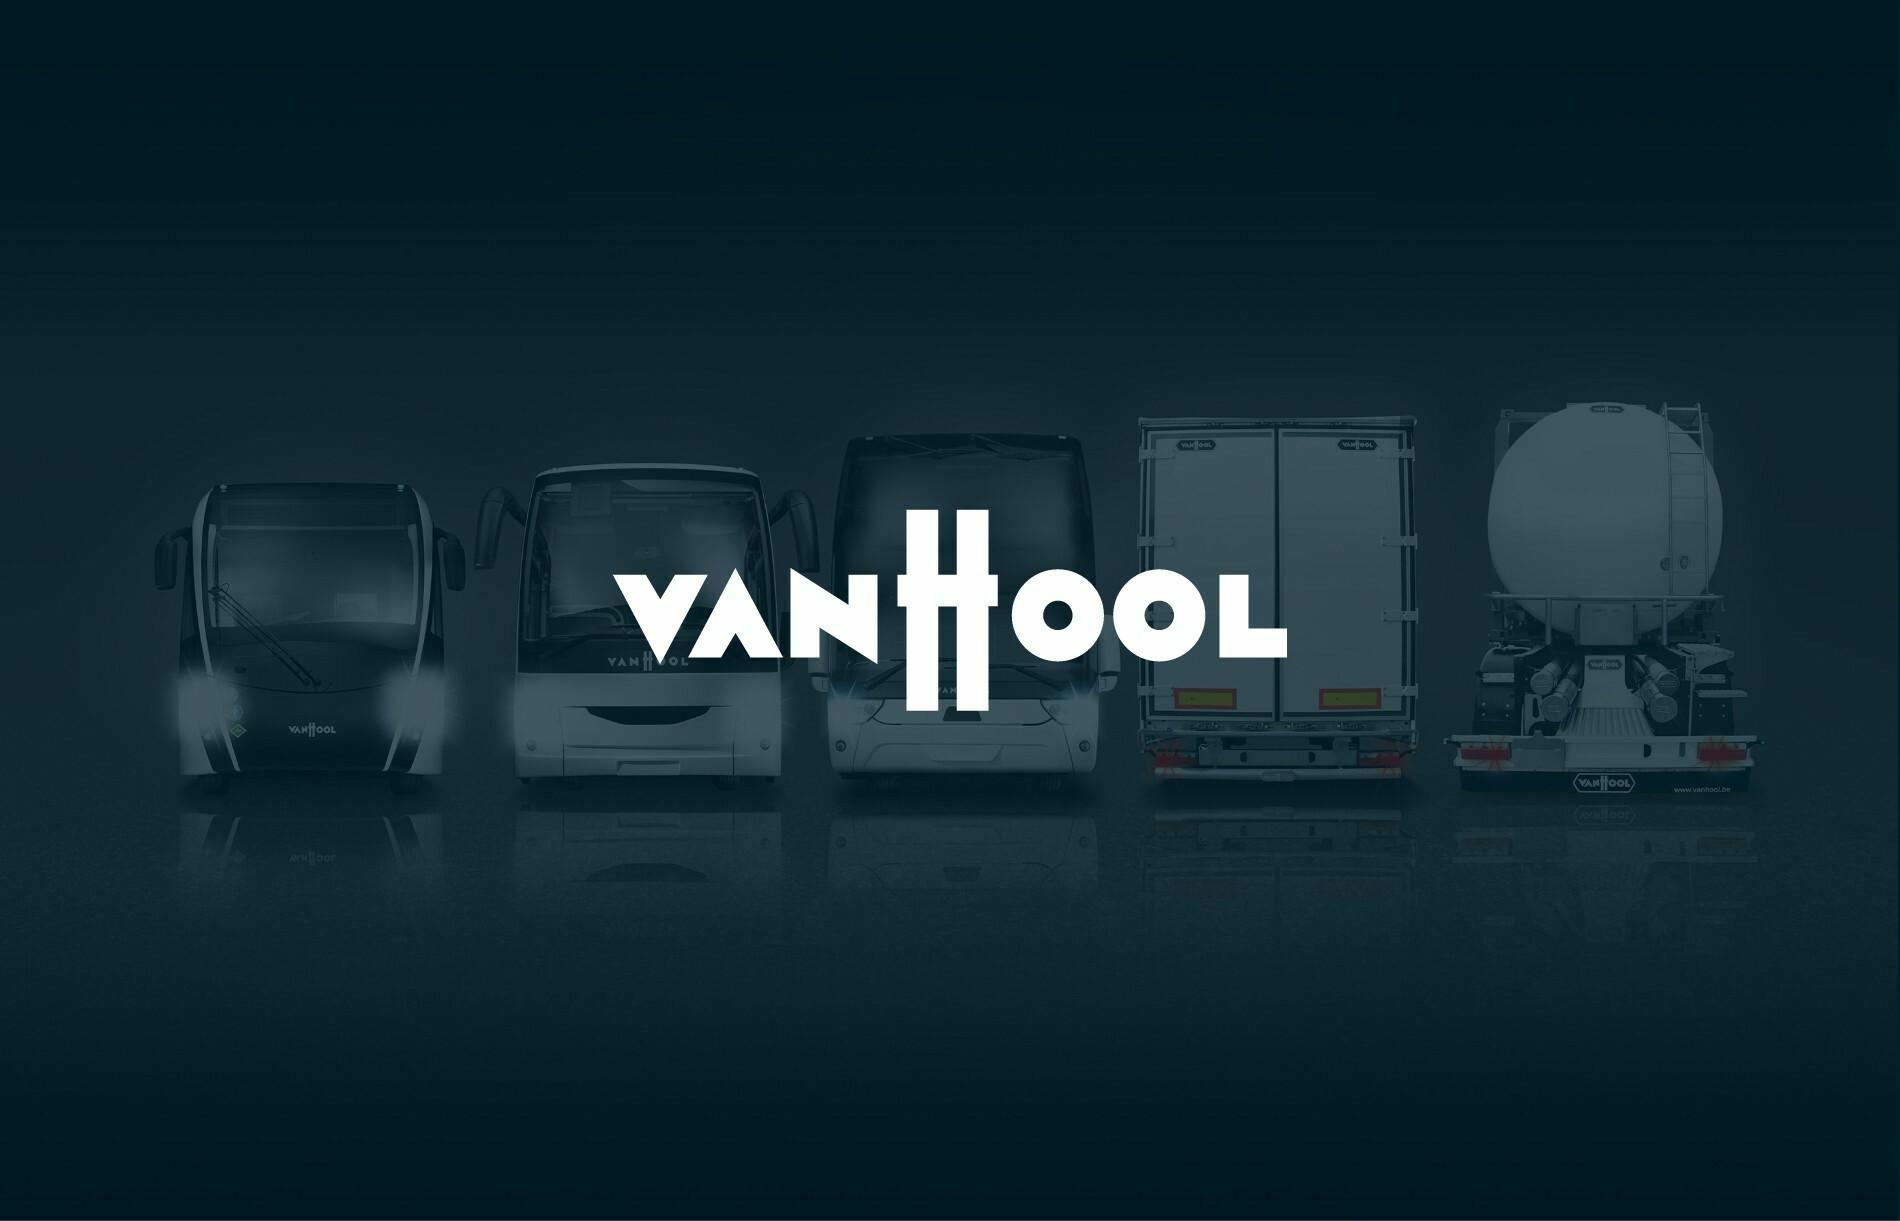 Van Hool